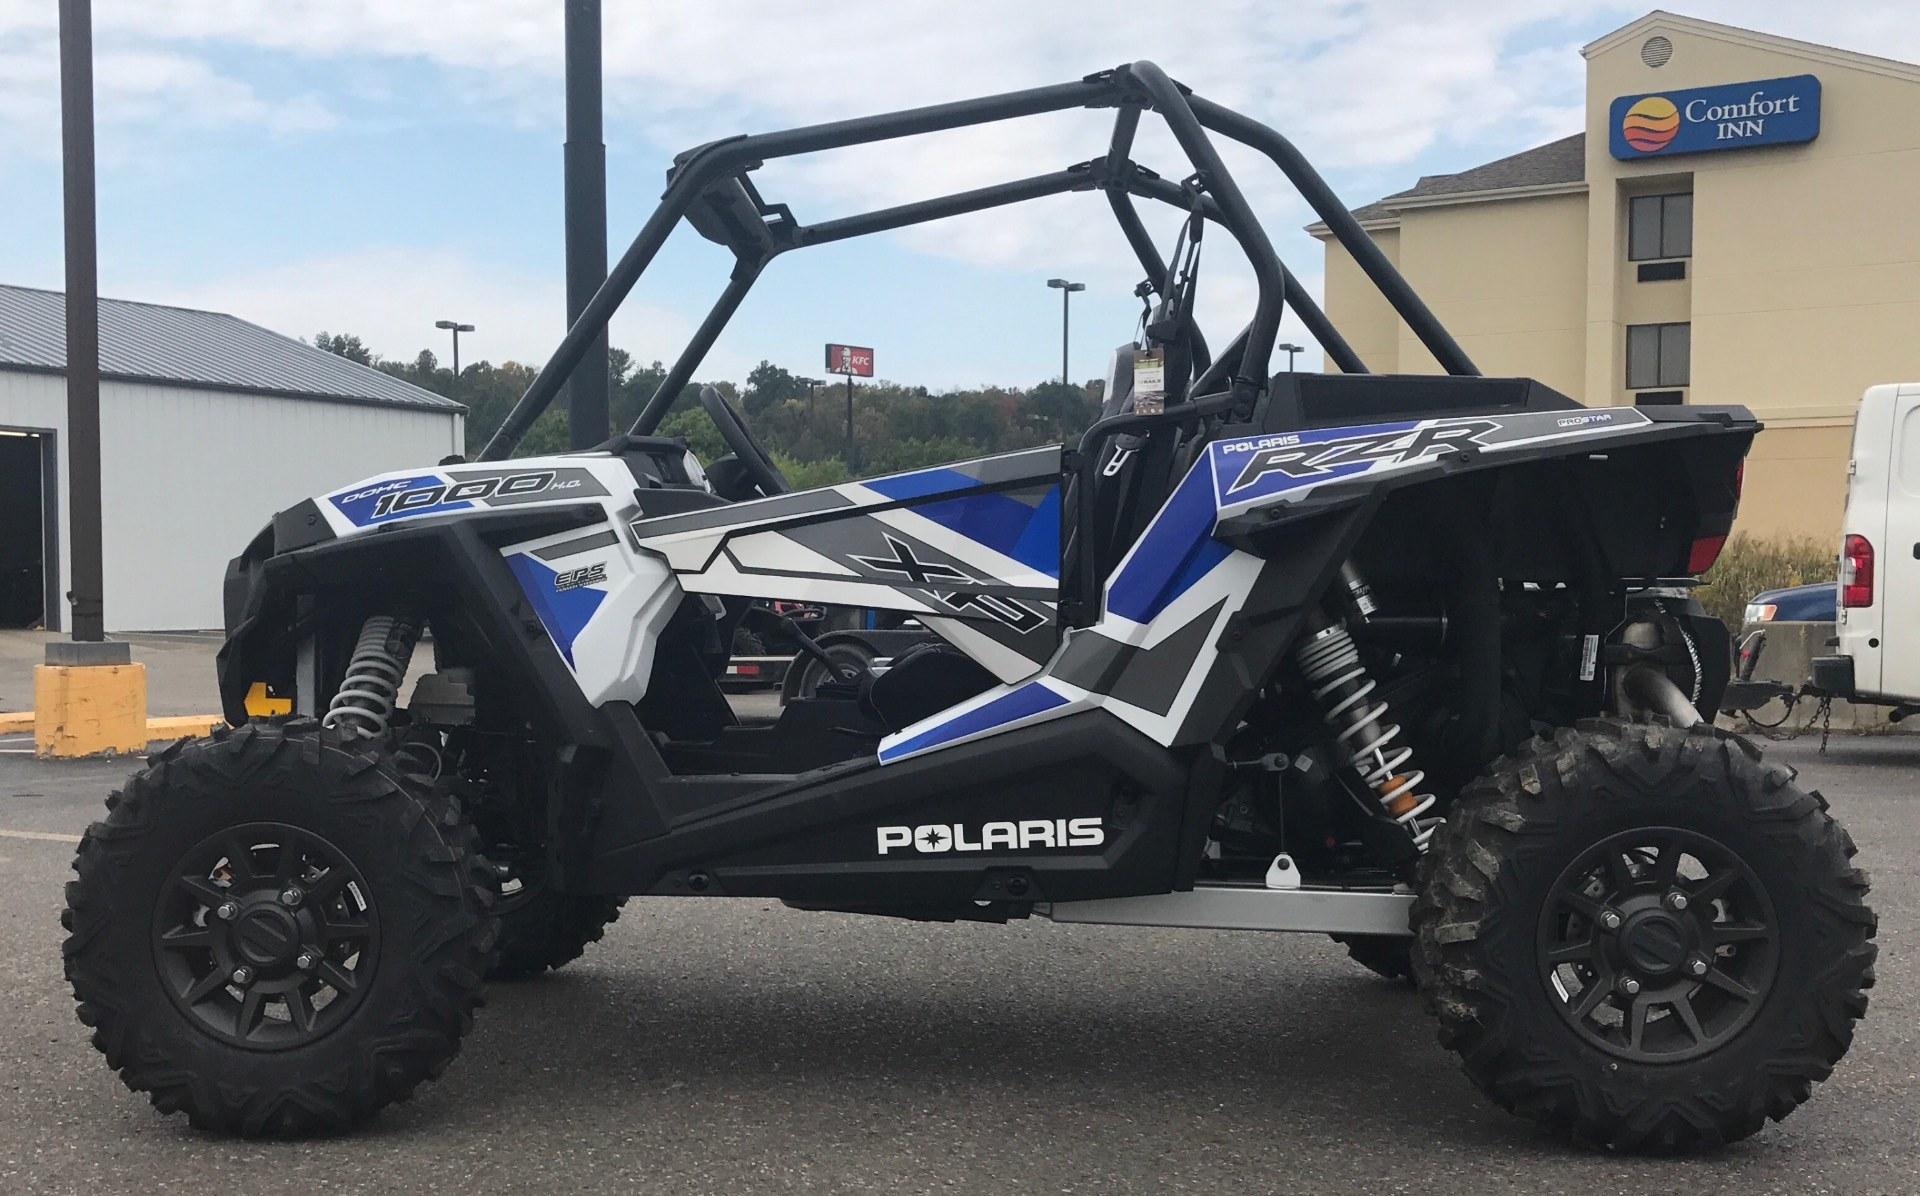 2017 Polaris RZR XP 1000 EPS 1